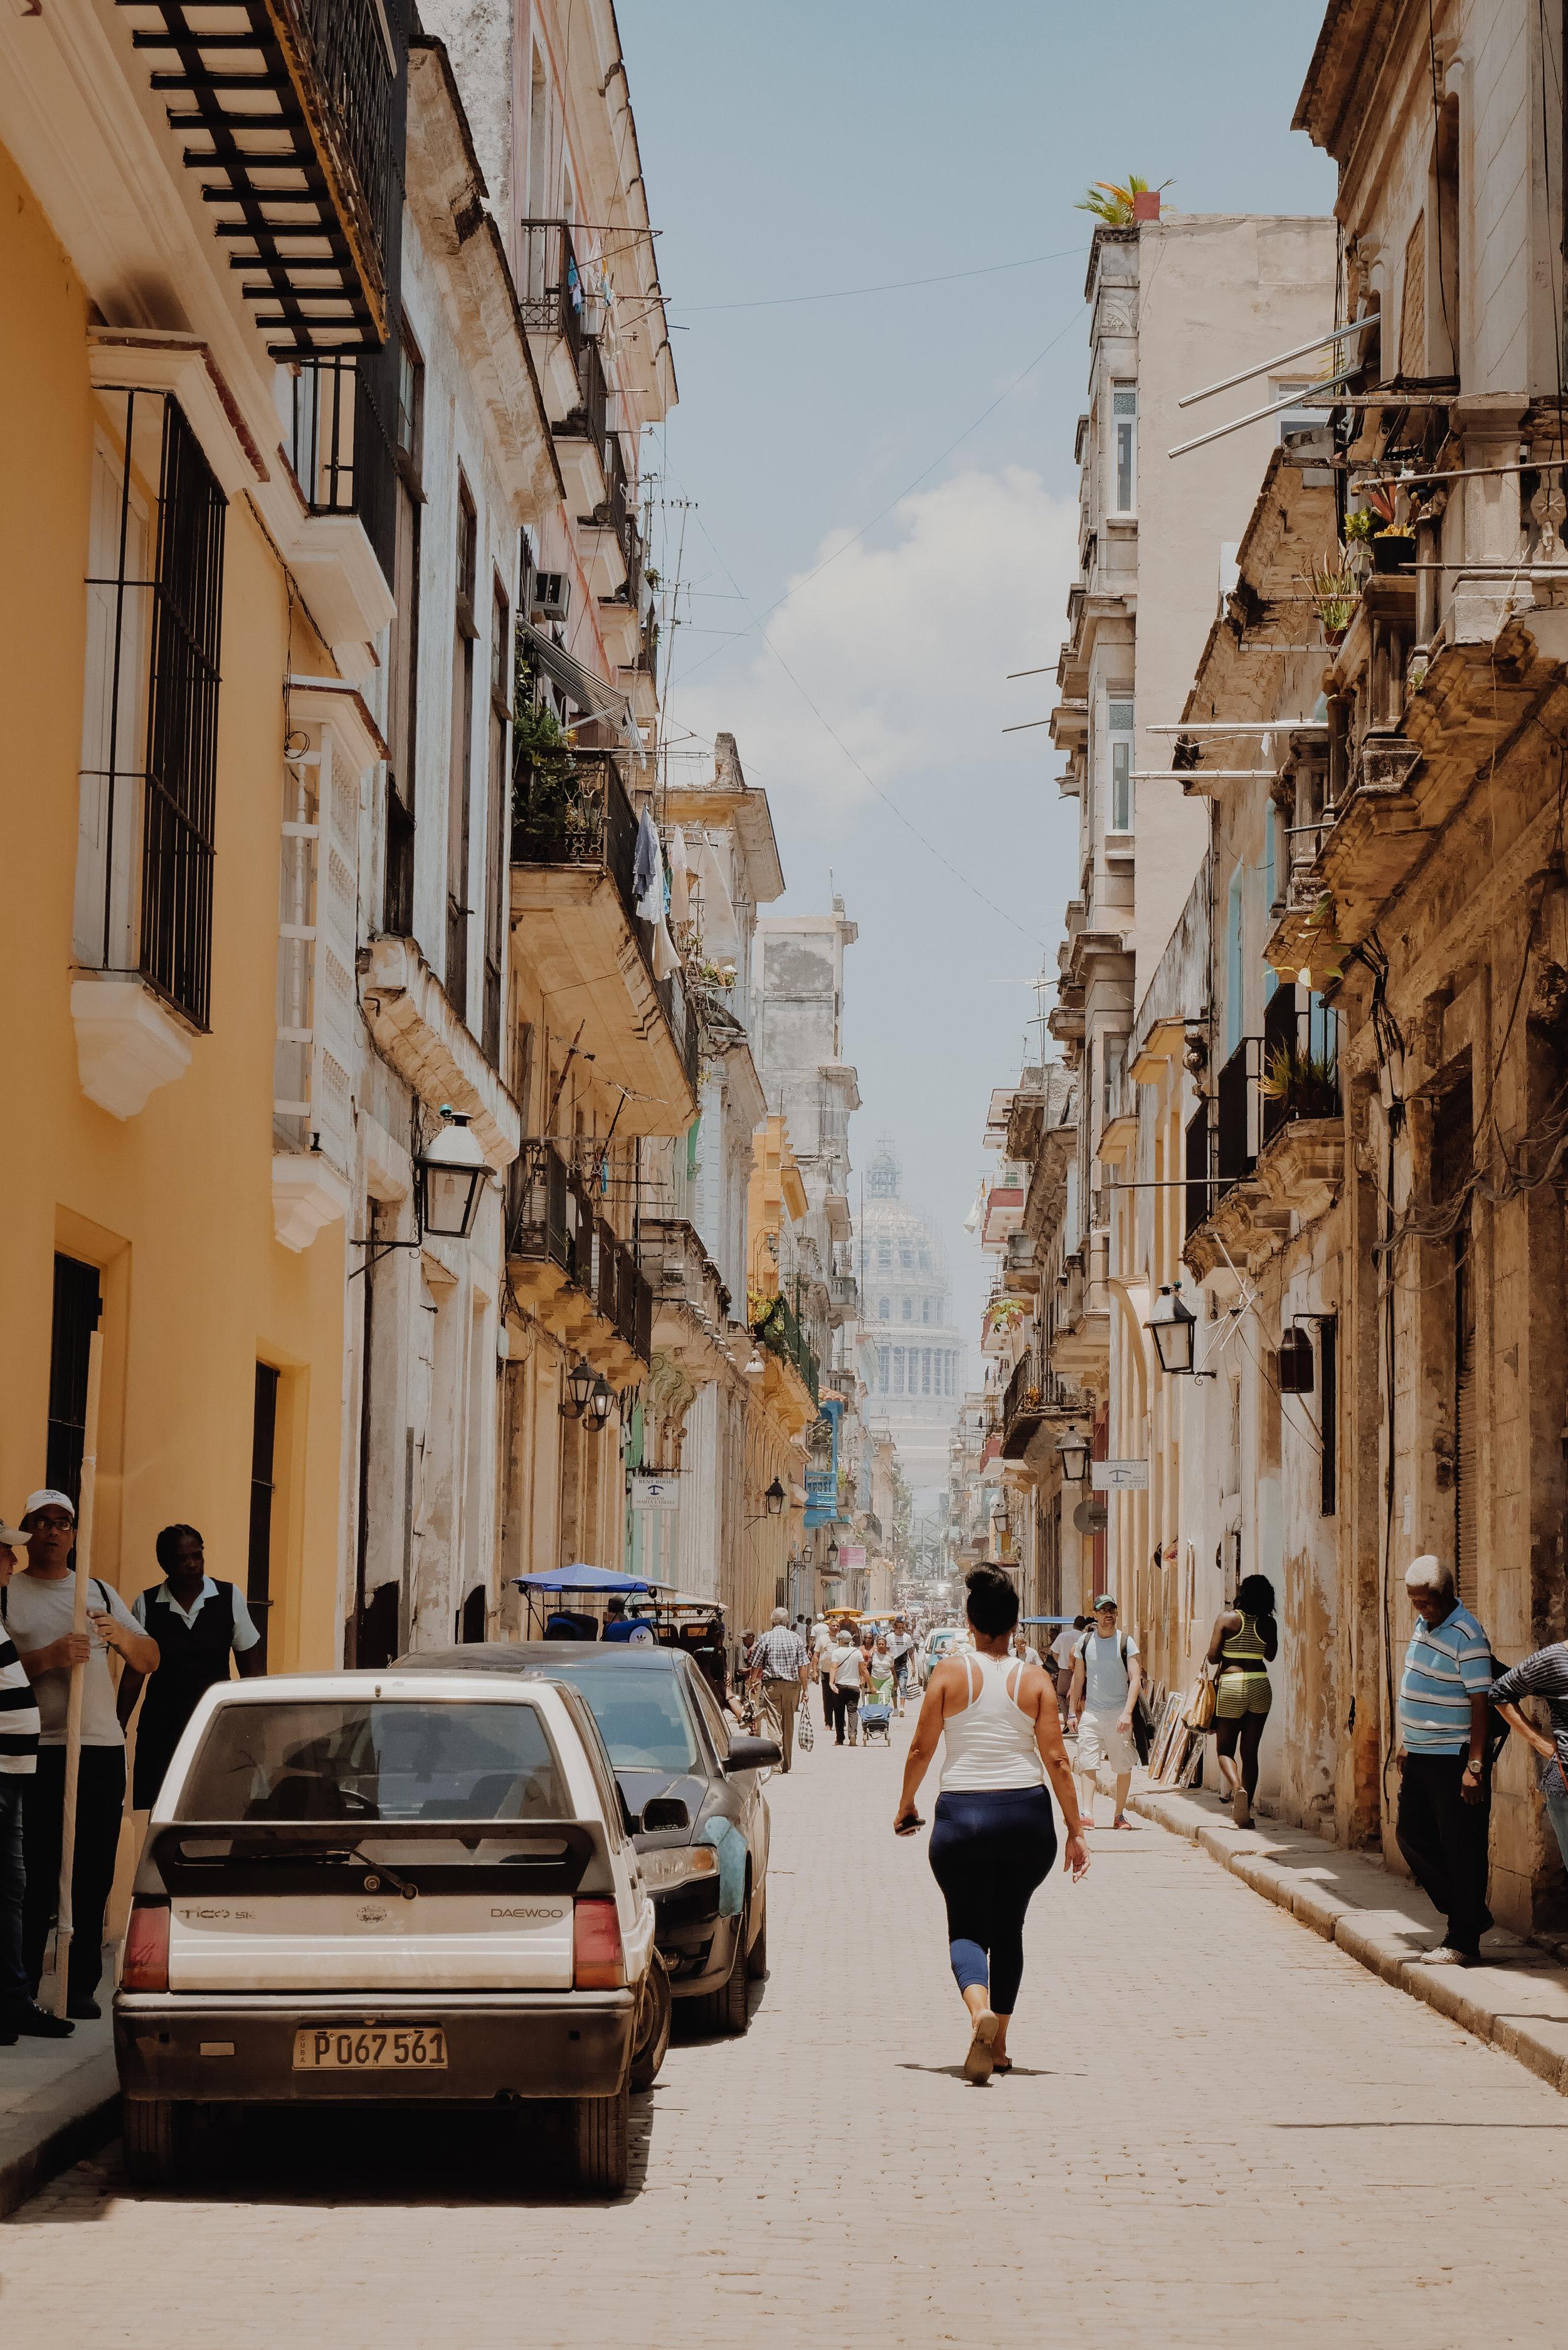 """Cuba - Contrario a lo que se rumora, Cuba puede ser un destino sumamente económico y espectacular. Cosas que te ayudarán a ahorrar, lleva euros en lugar de dólares para el cambio. Quédate en hogares o """"propiedades de residentes"""", esto te va a permitir un ahorro de hasta 85% si comparas con hoteles. La comida en Cuba es muy barata si escoges bien la zona."""